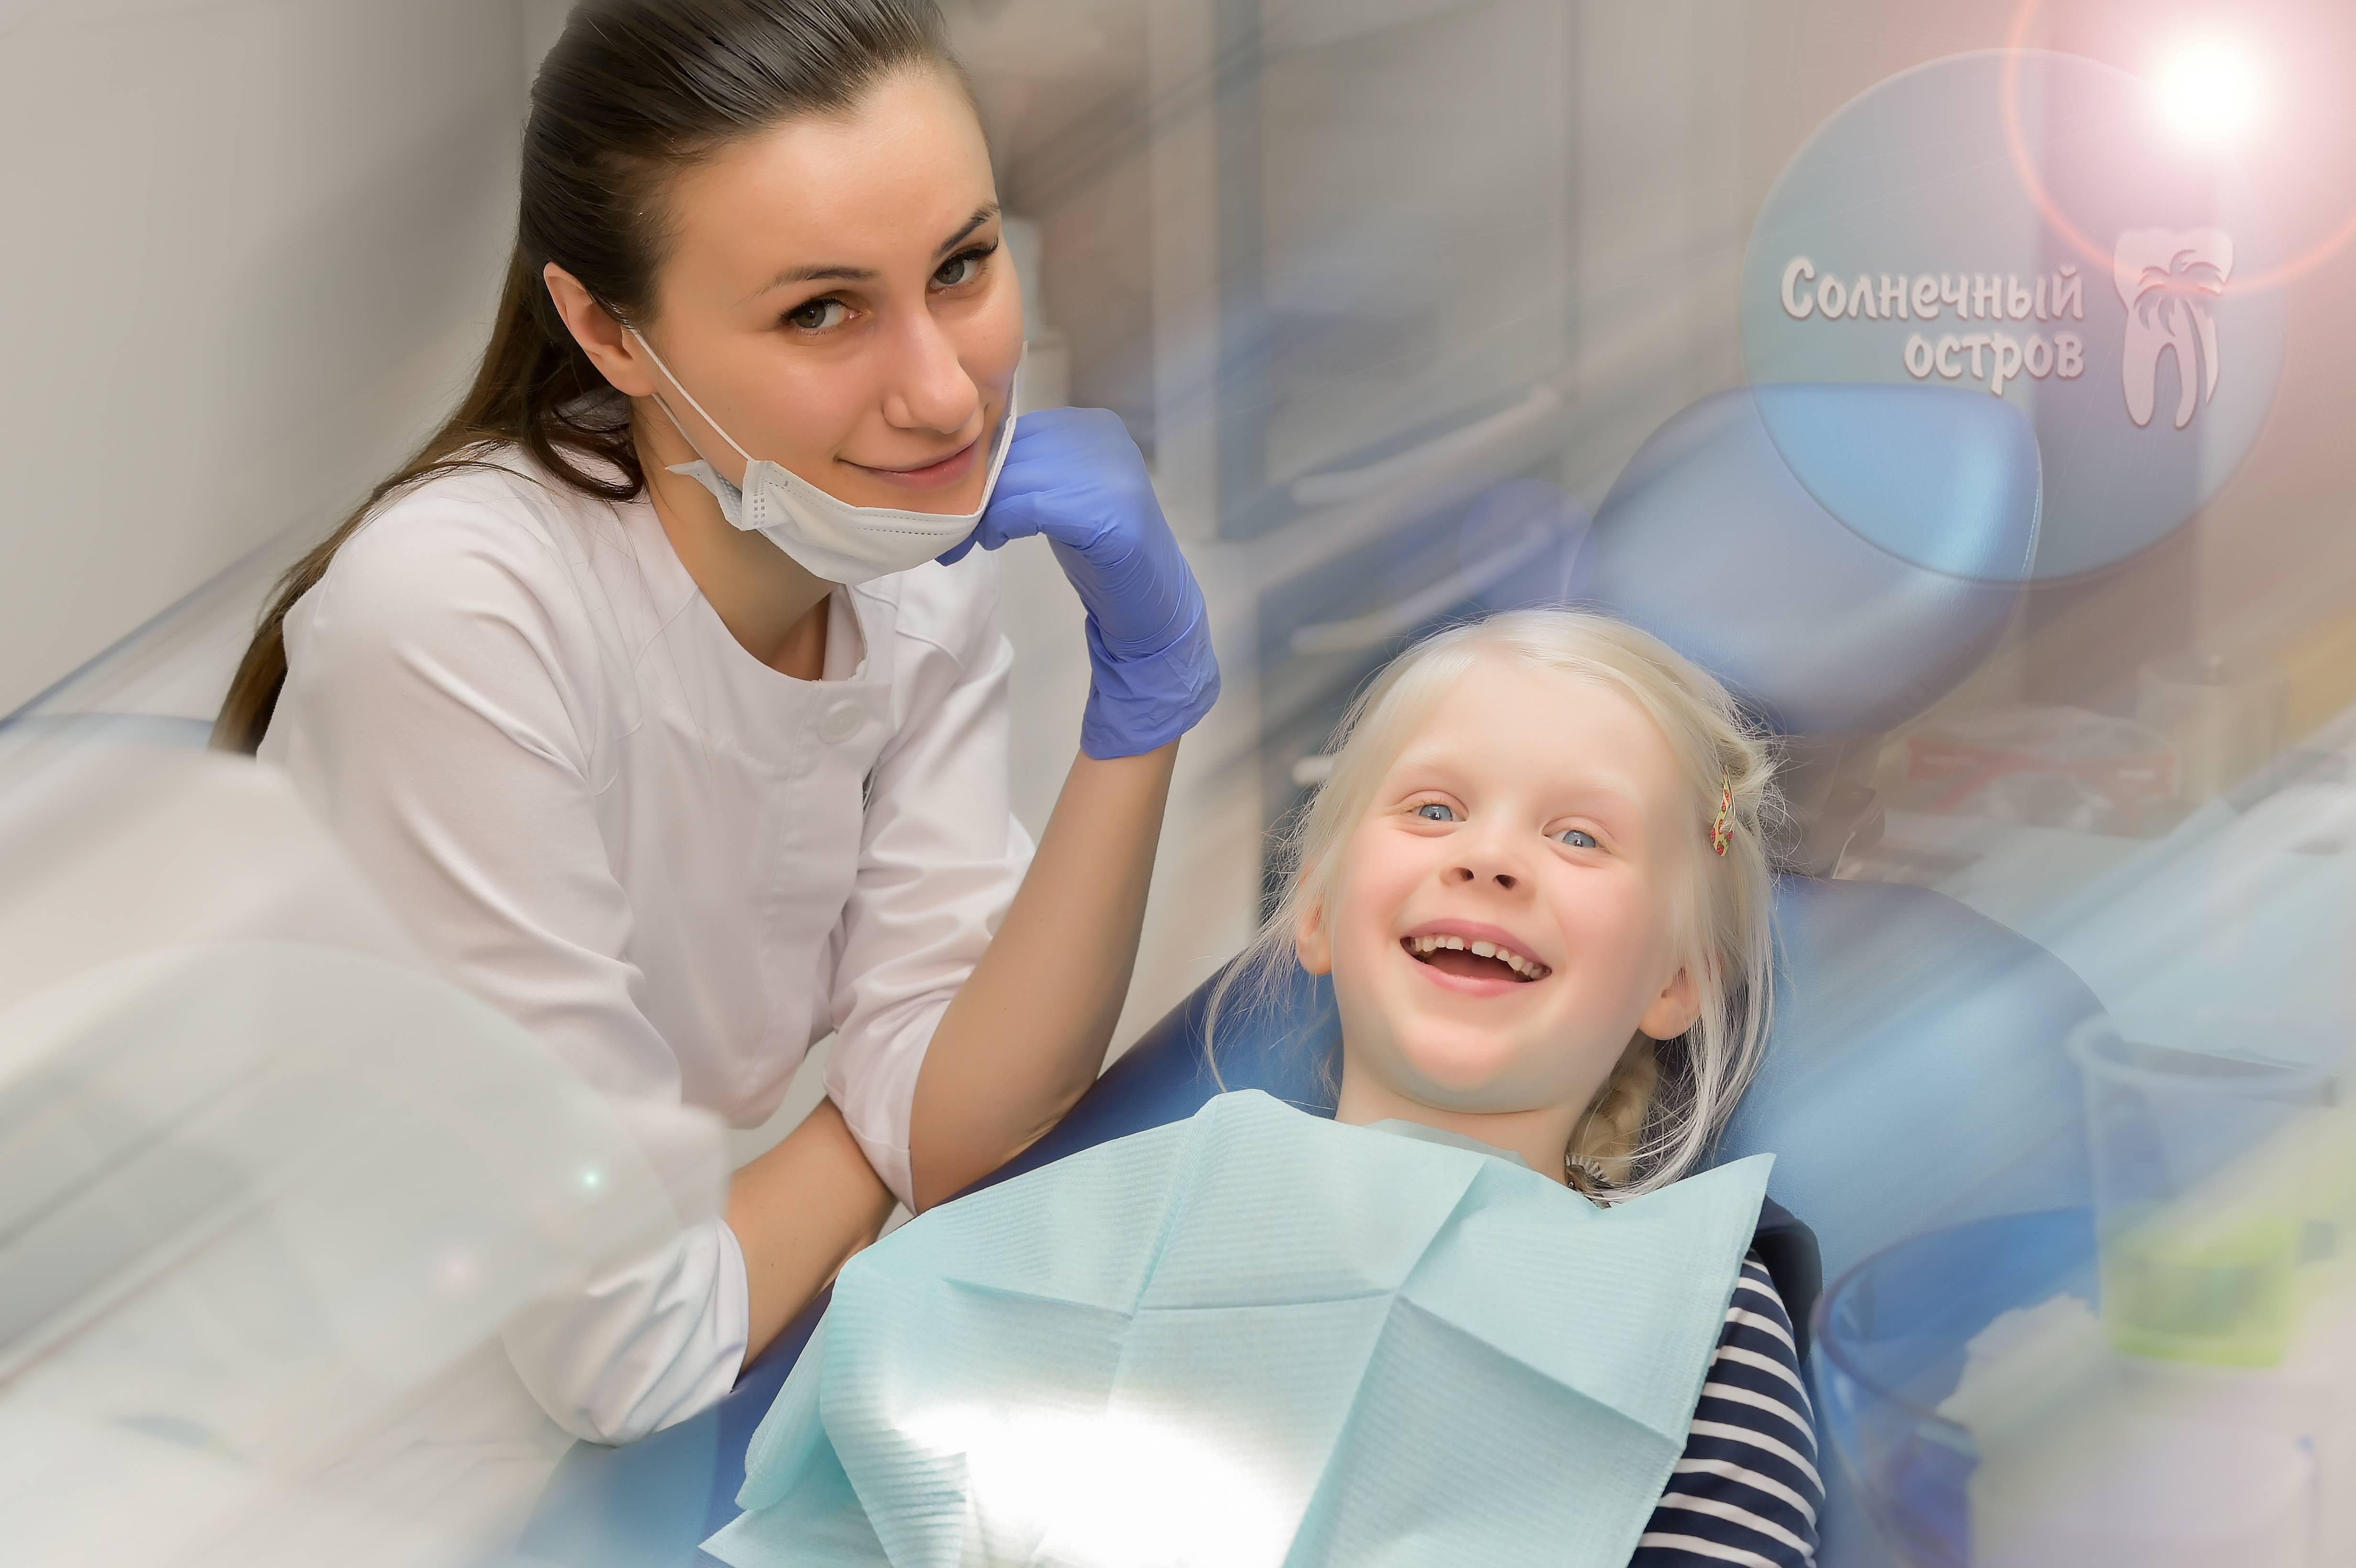 Профессия ортодонт: где учиться, зарплата, плюсы и минусы